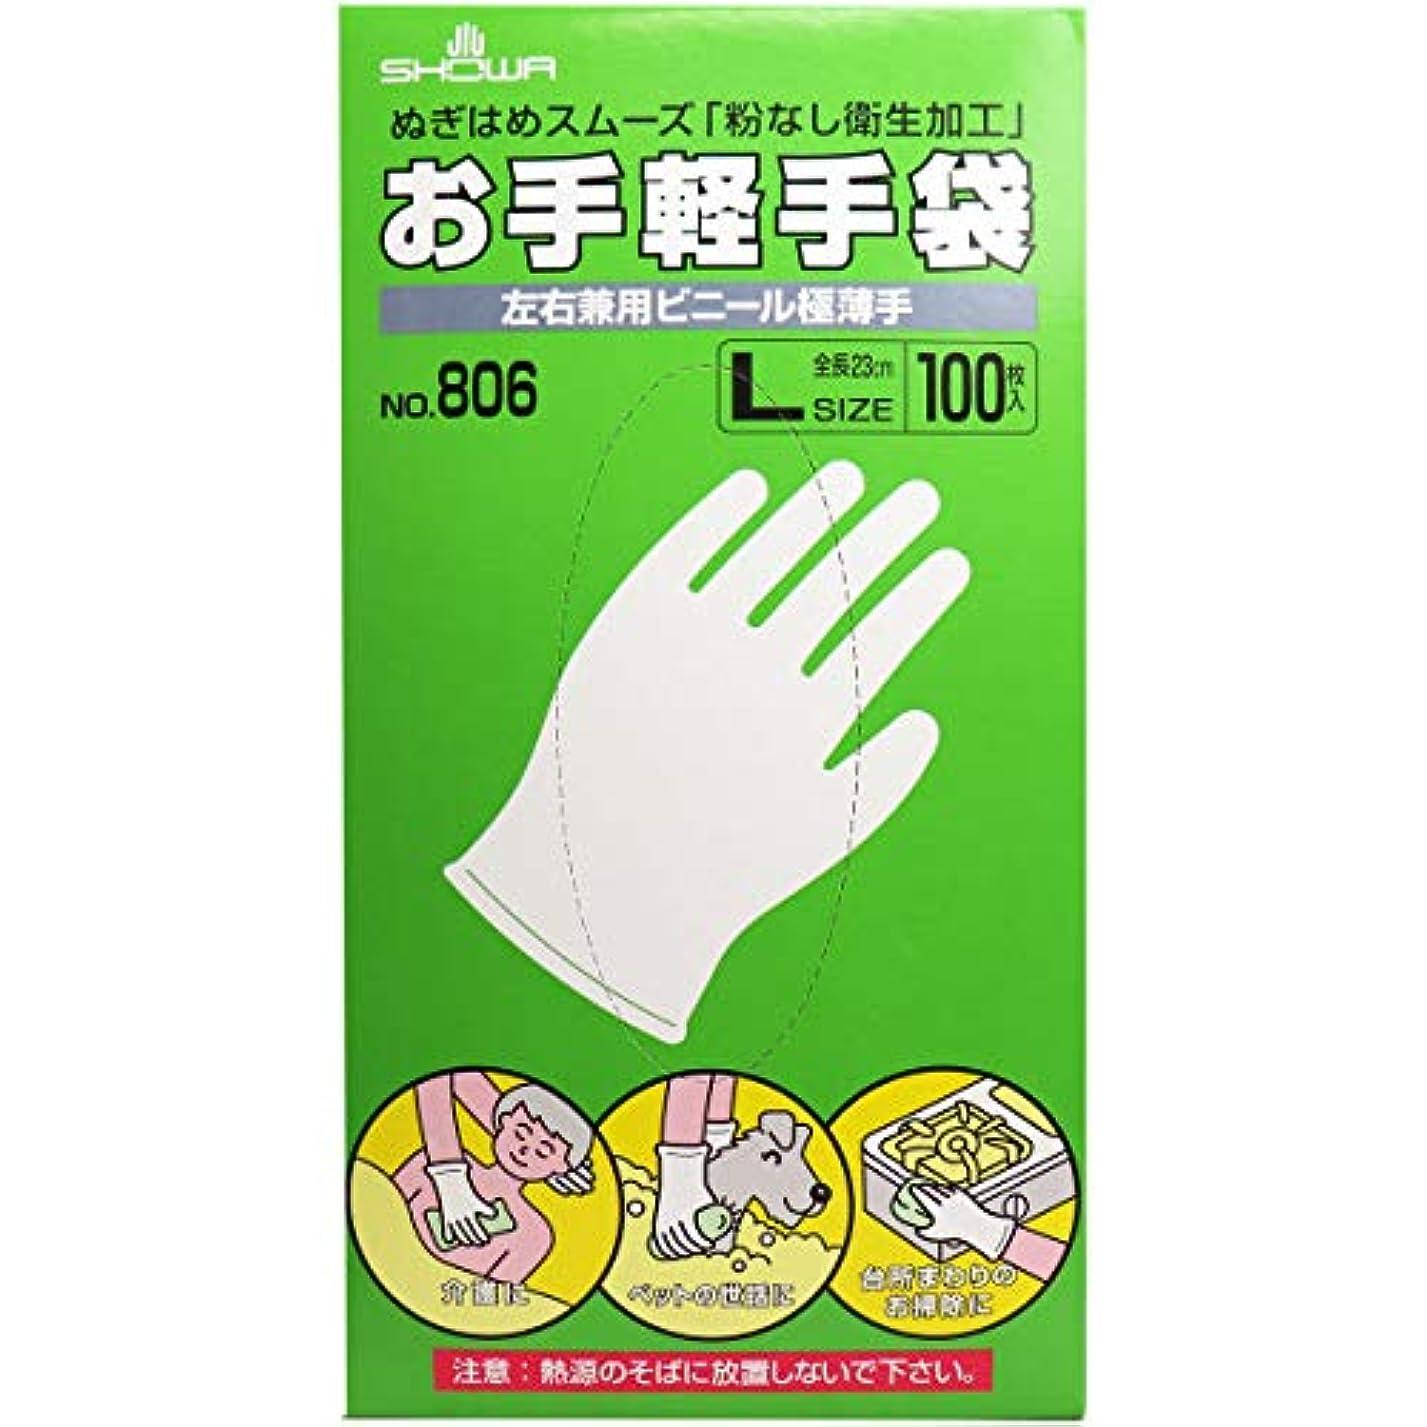 出発する蘇生する廃止お手軽手袋 No.806 左右兼用ビニール極薄手 粉なし Lサイズ 100枚入×10個セット